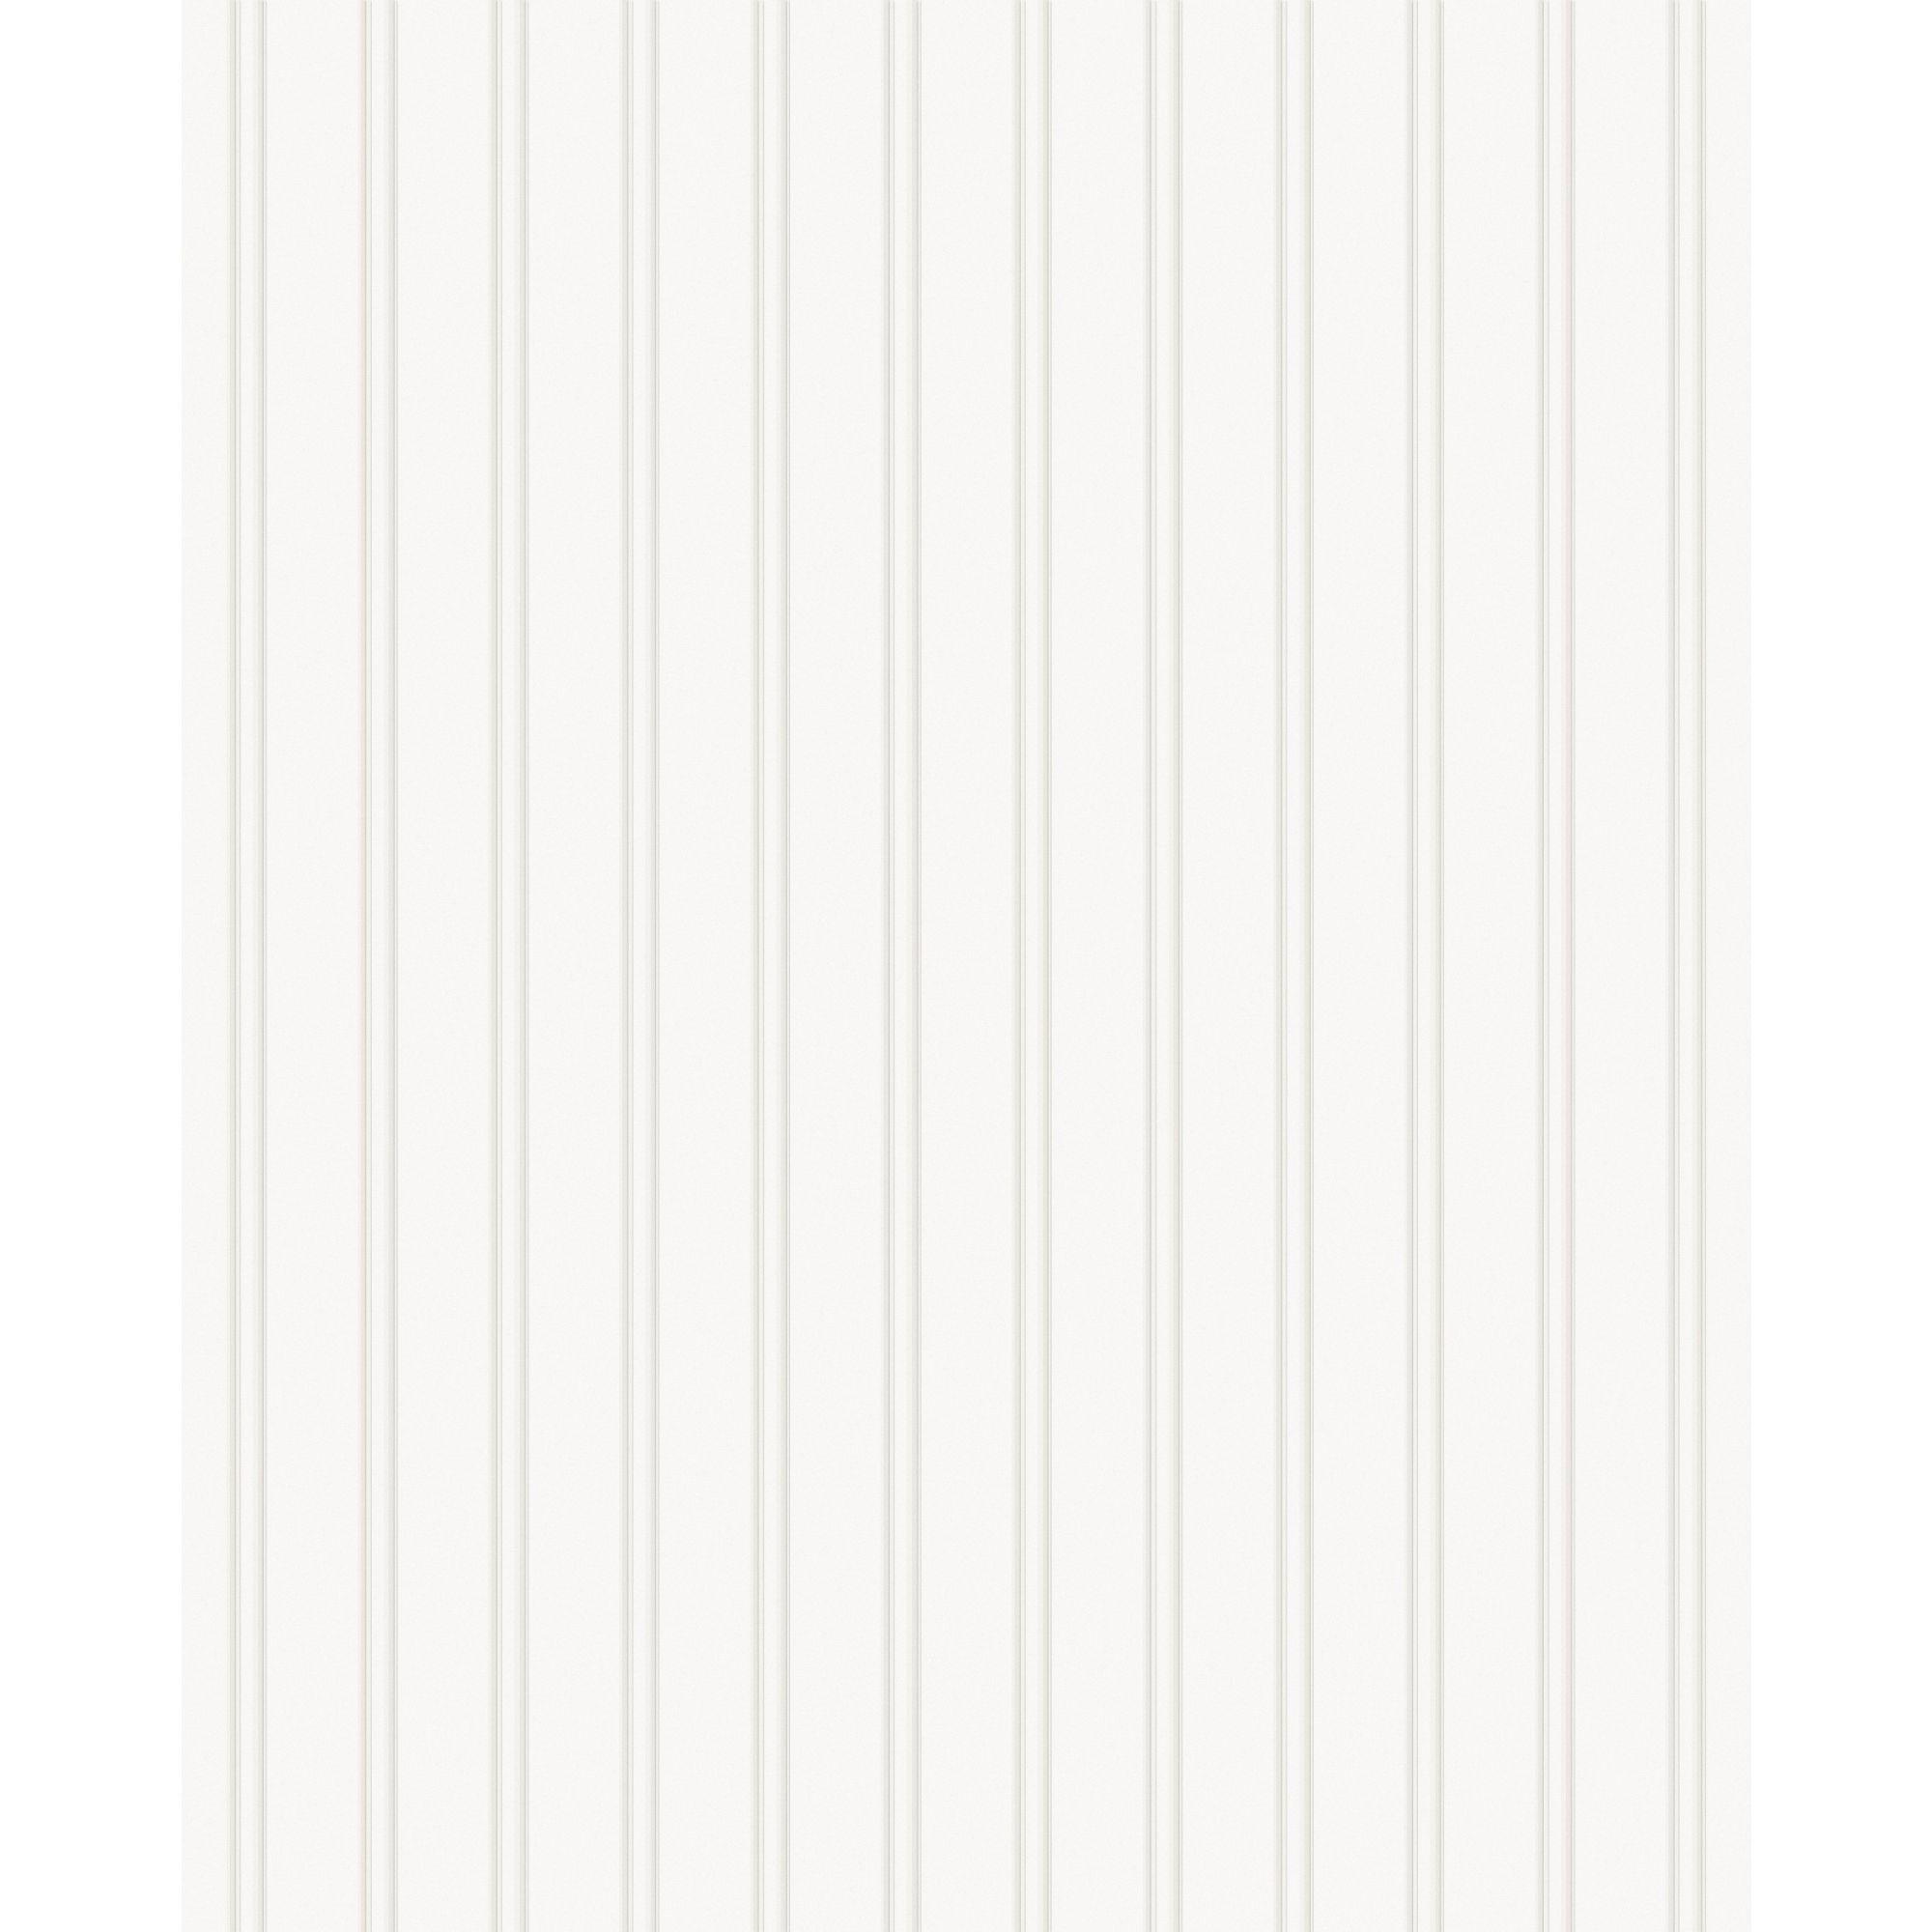 Graham Brown Paintable Prepasted Paintable Beadboard Wallpaper in 2000x2000